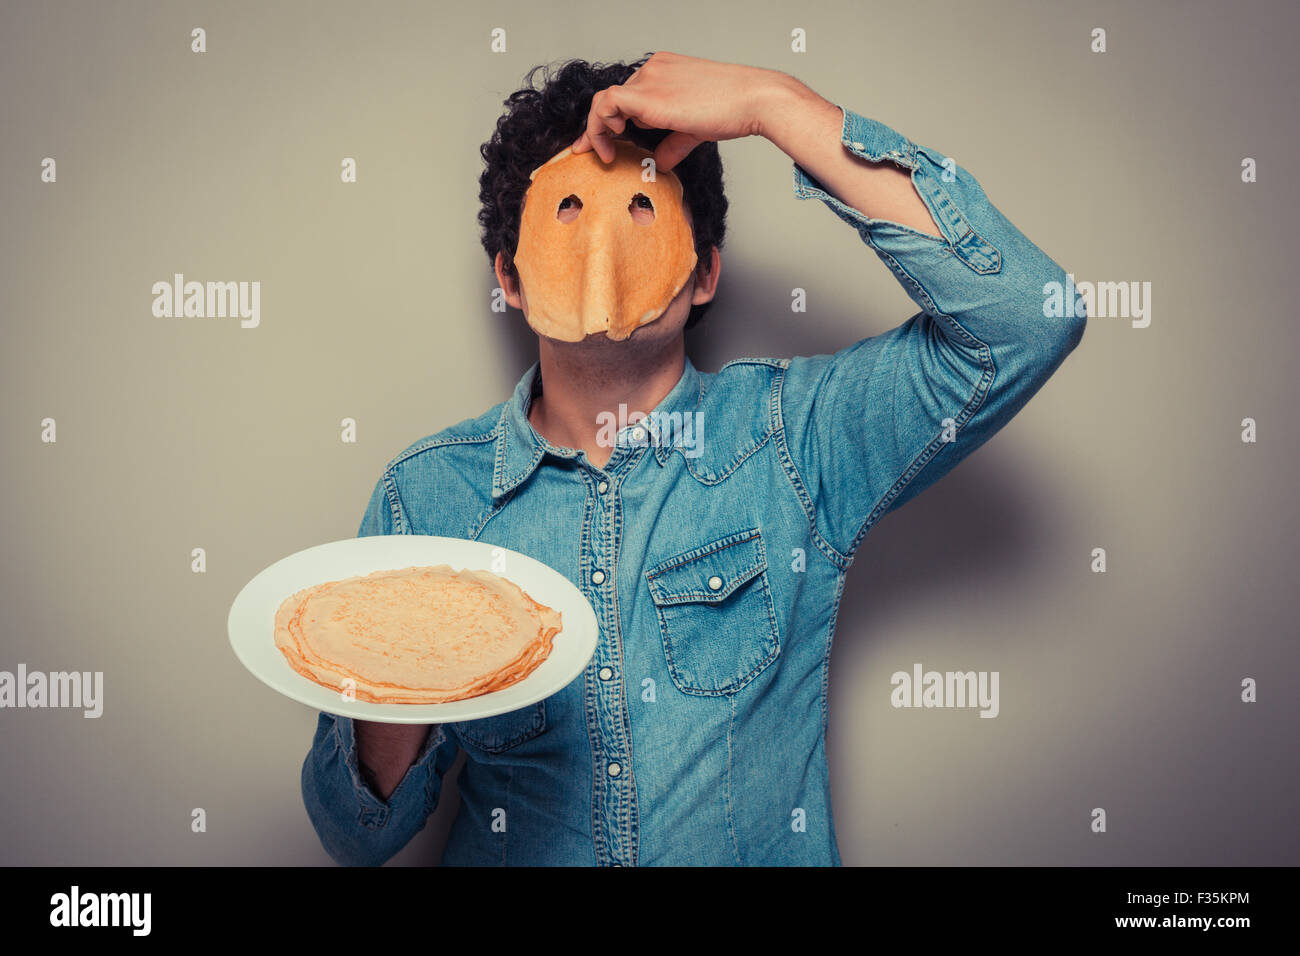 Eyeholes joven ha cortado en un panqueque y se lo lleva en su rostro. Imagen De Stock